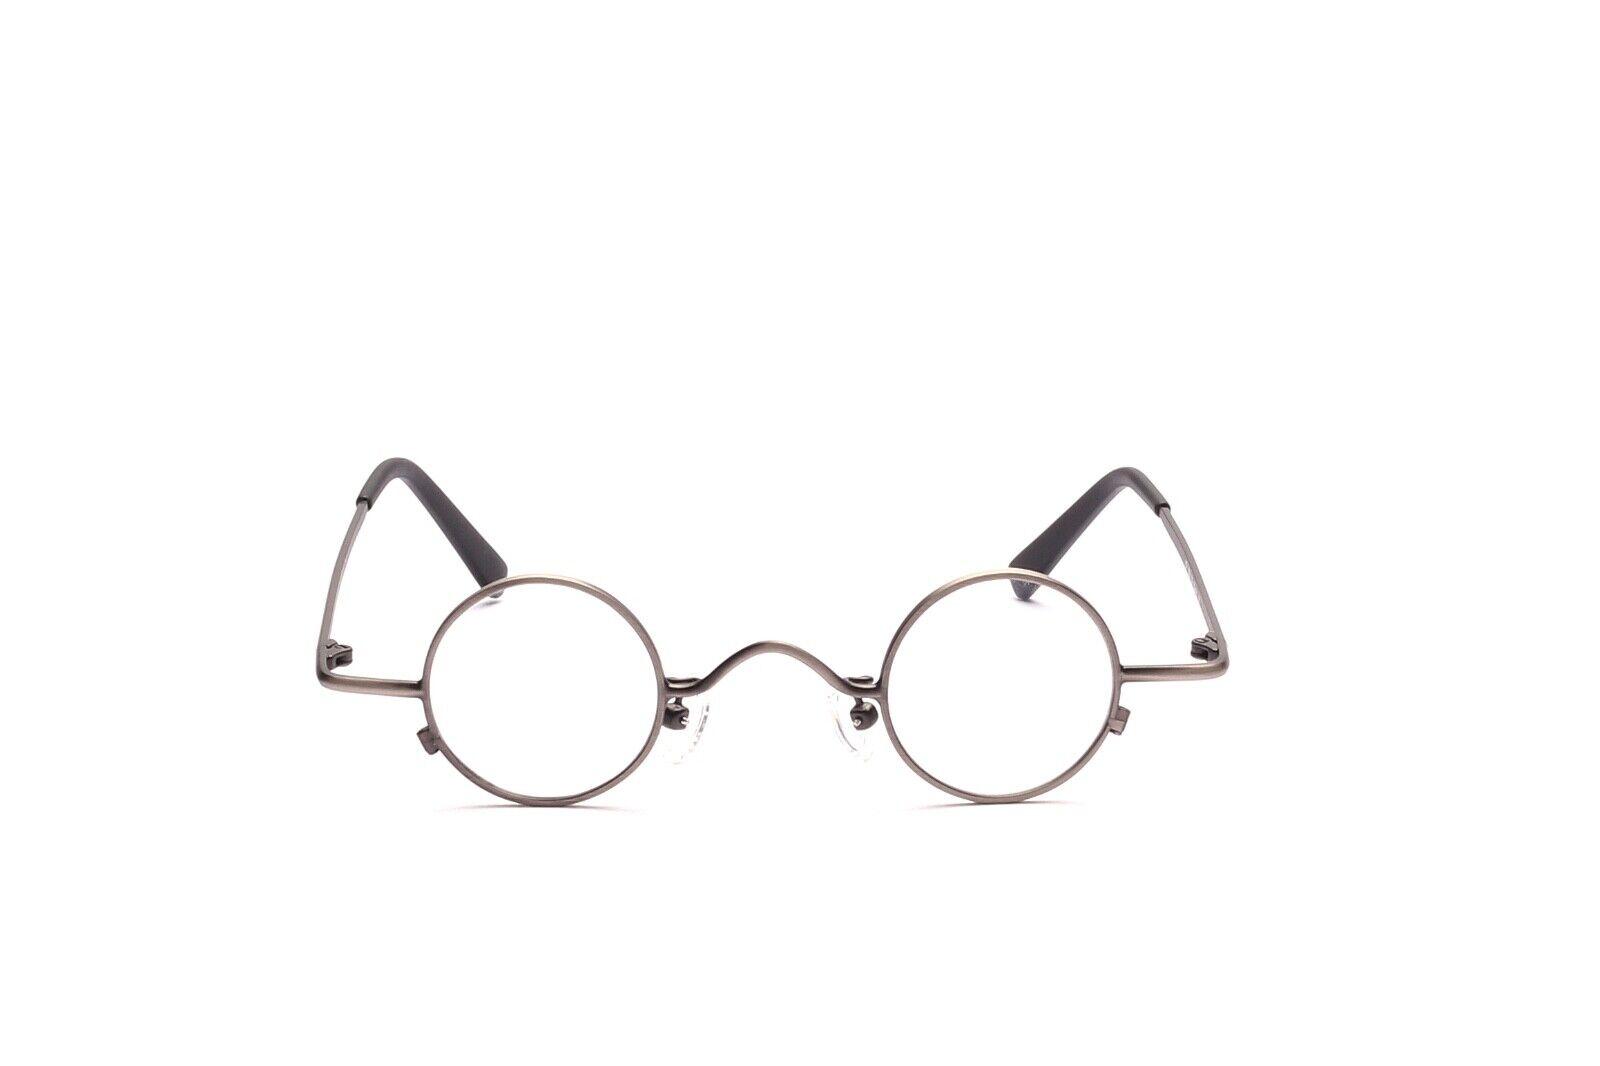 Kleine runde Brille Fassung Mod. DY 304 in 32 -30 mm in Antiksilber